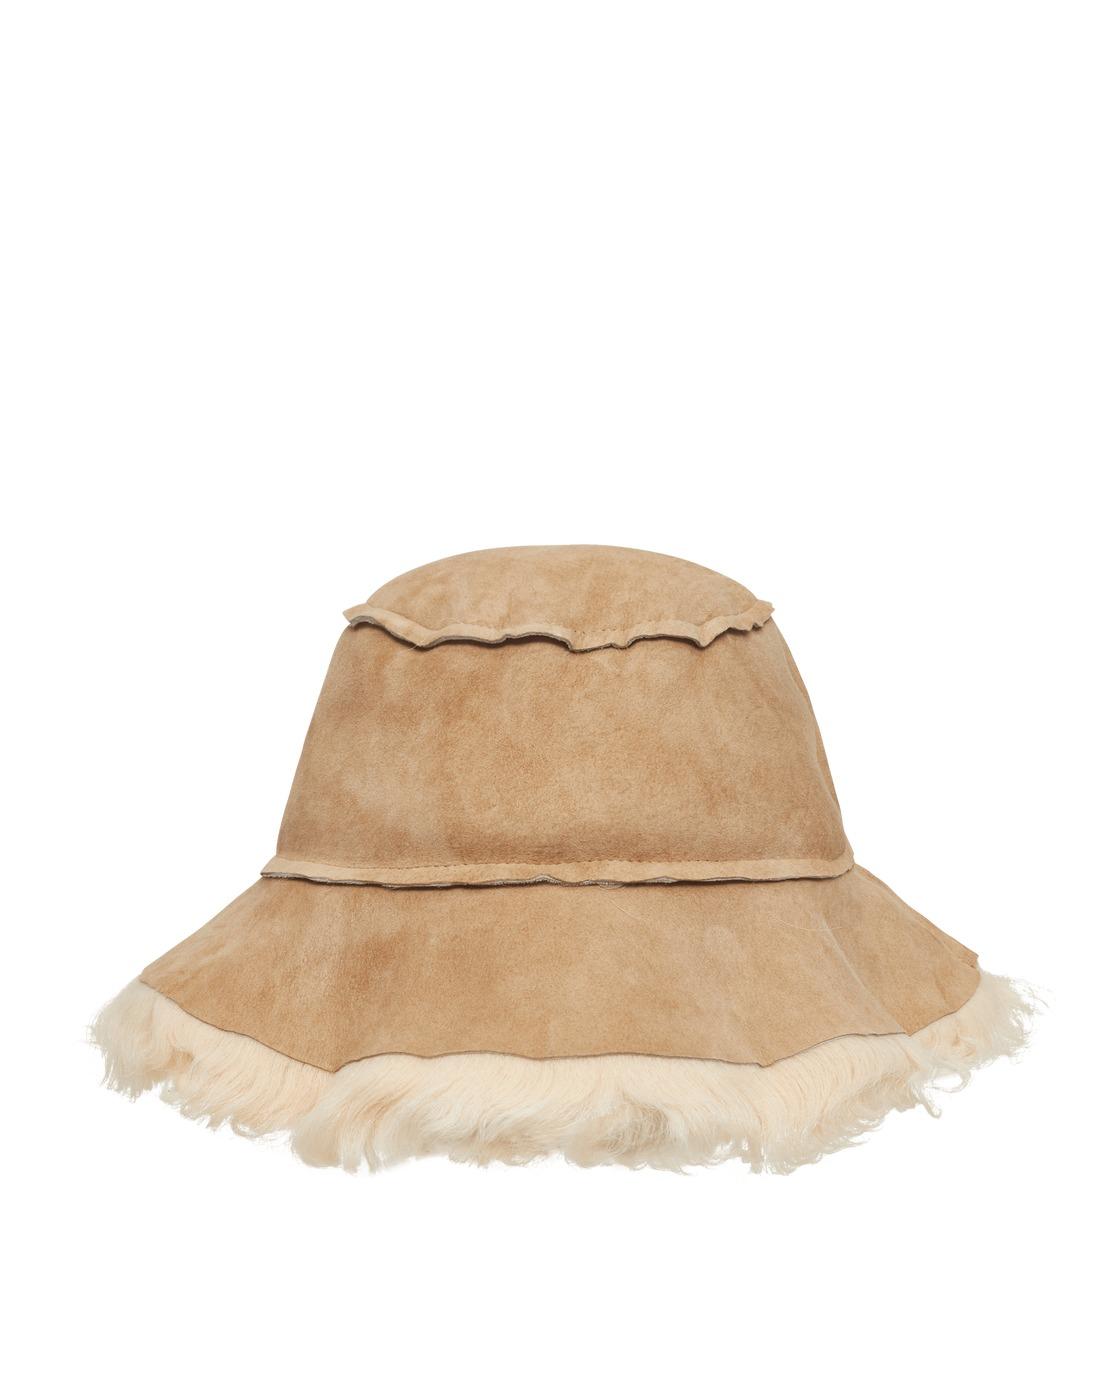 Photo: Acne Studios Bucket Hat Linen Beige/Ecru